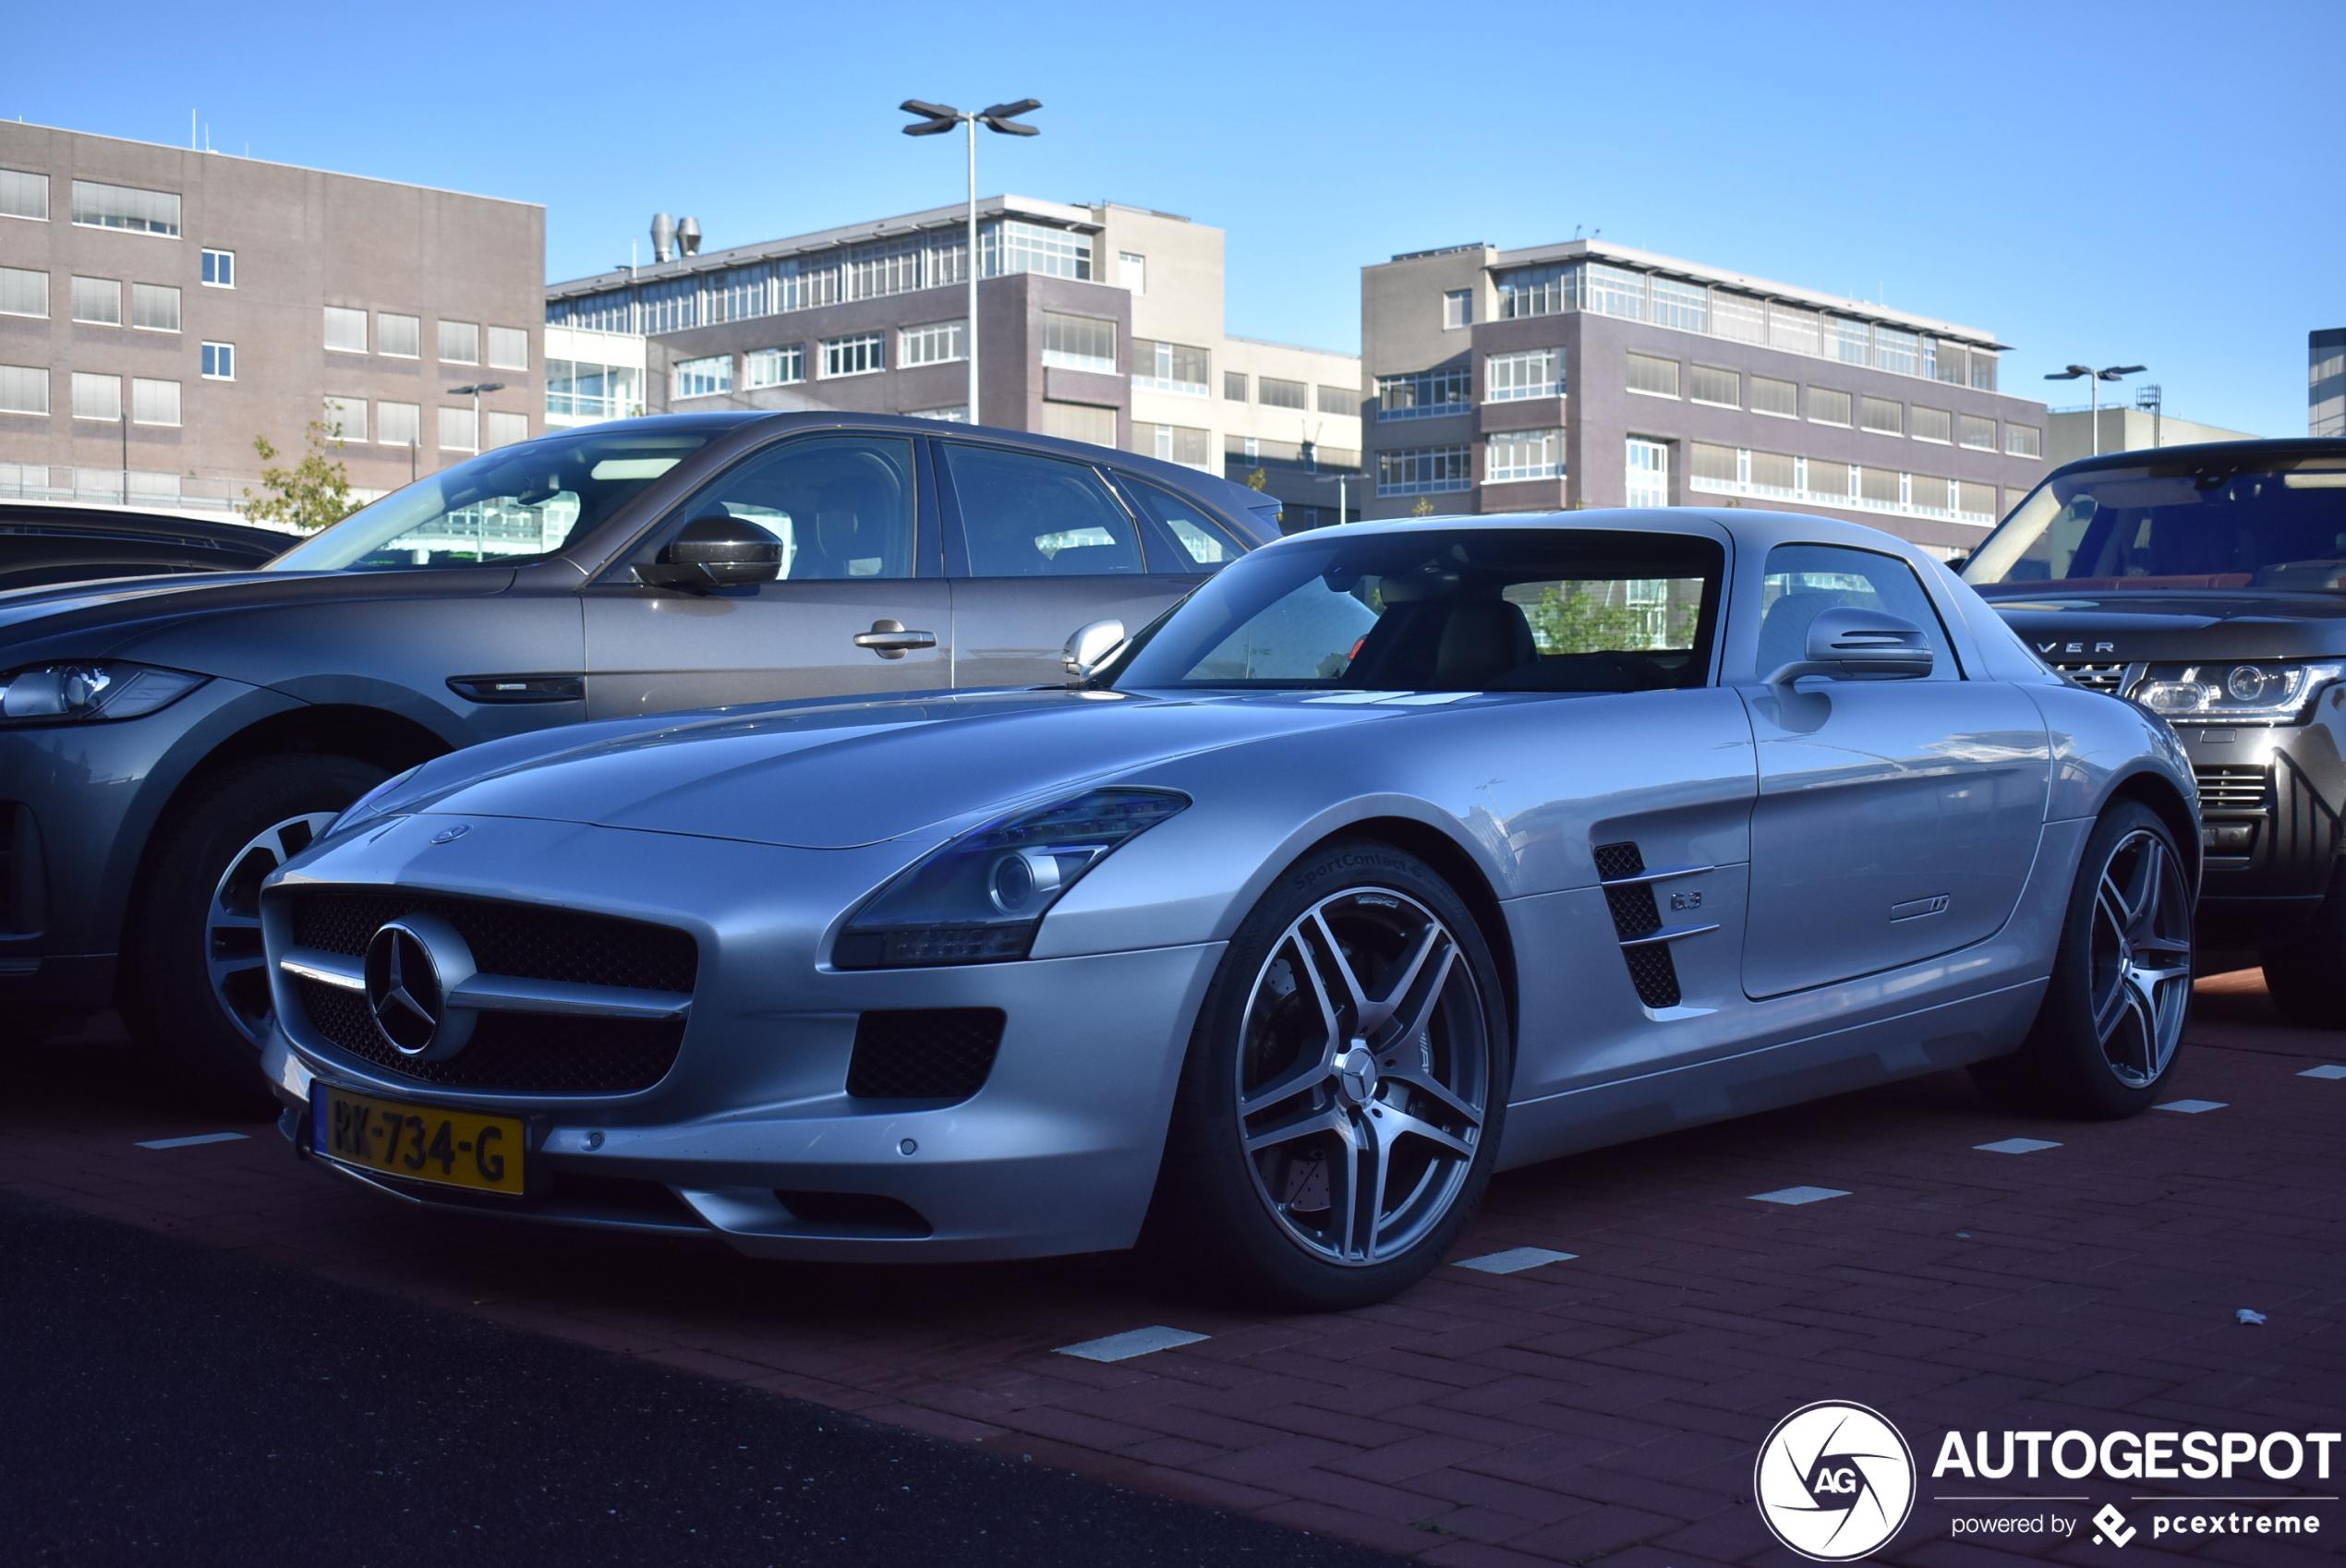 Mercedes-Benz SLS AMG wordt slechts zelden gezien